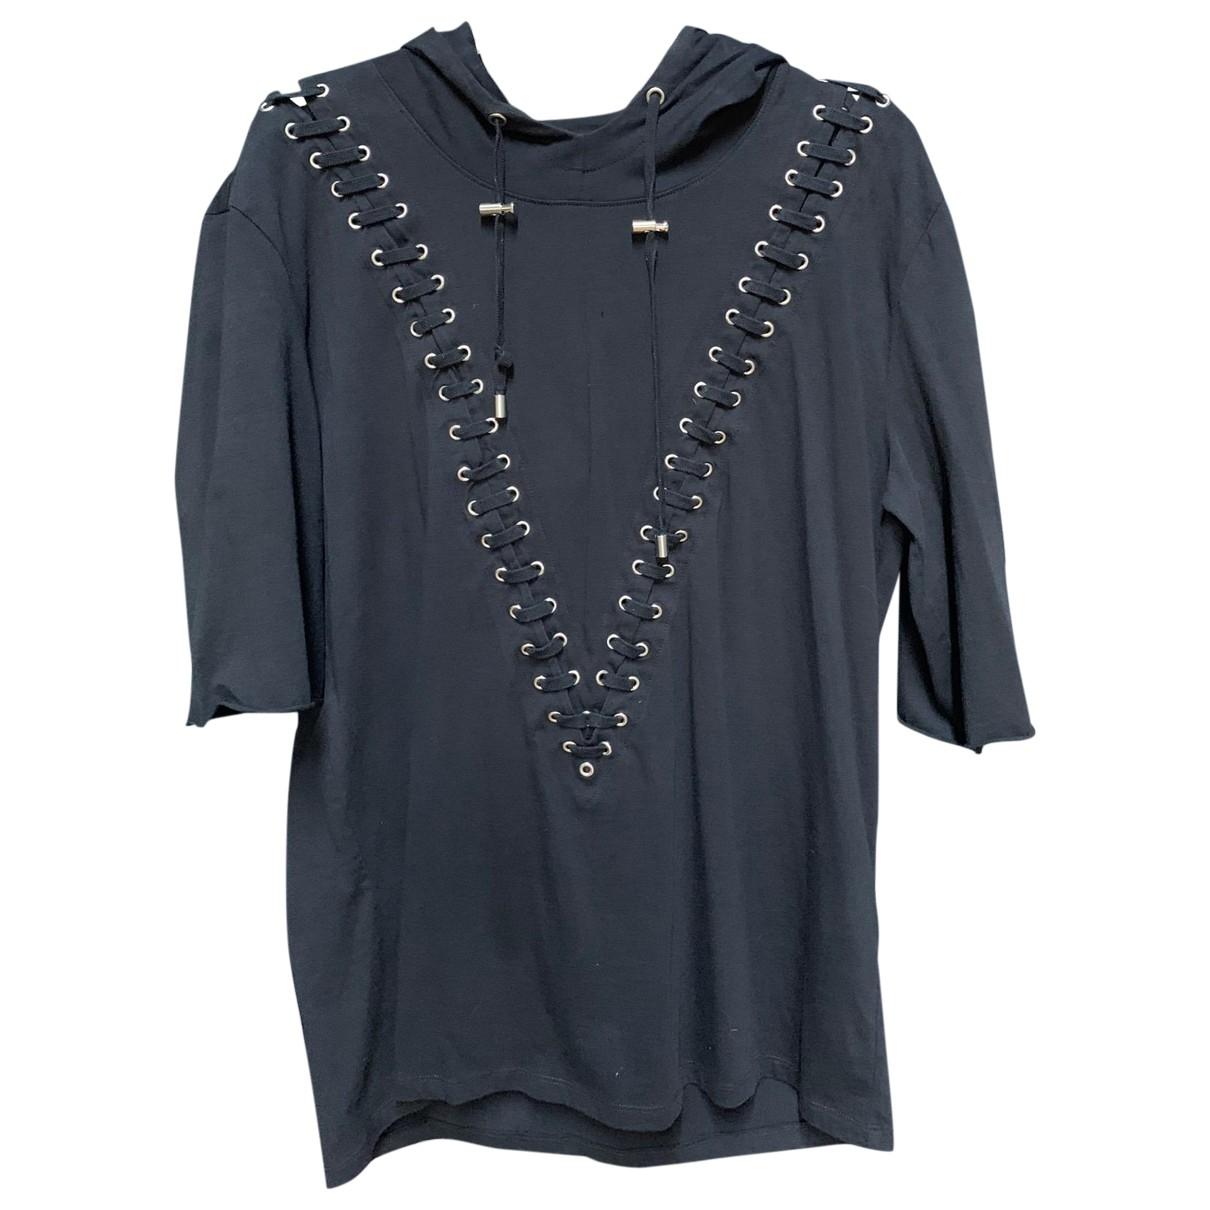 Balmain - Tee shirts   pour homme en coton - noir